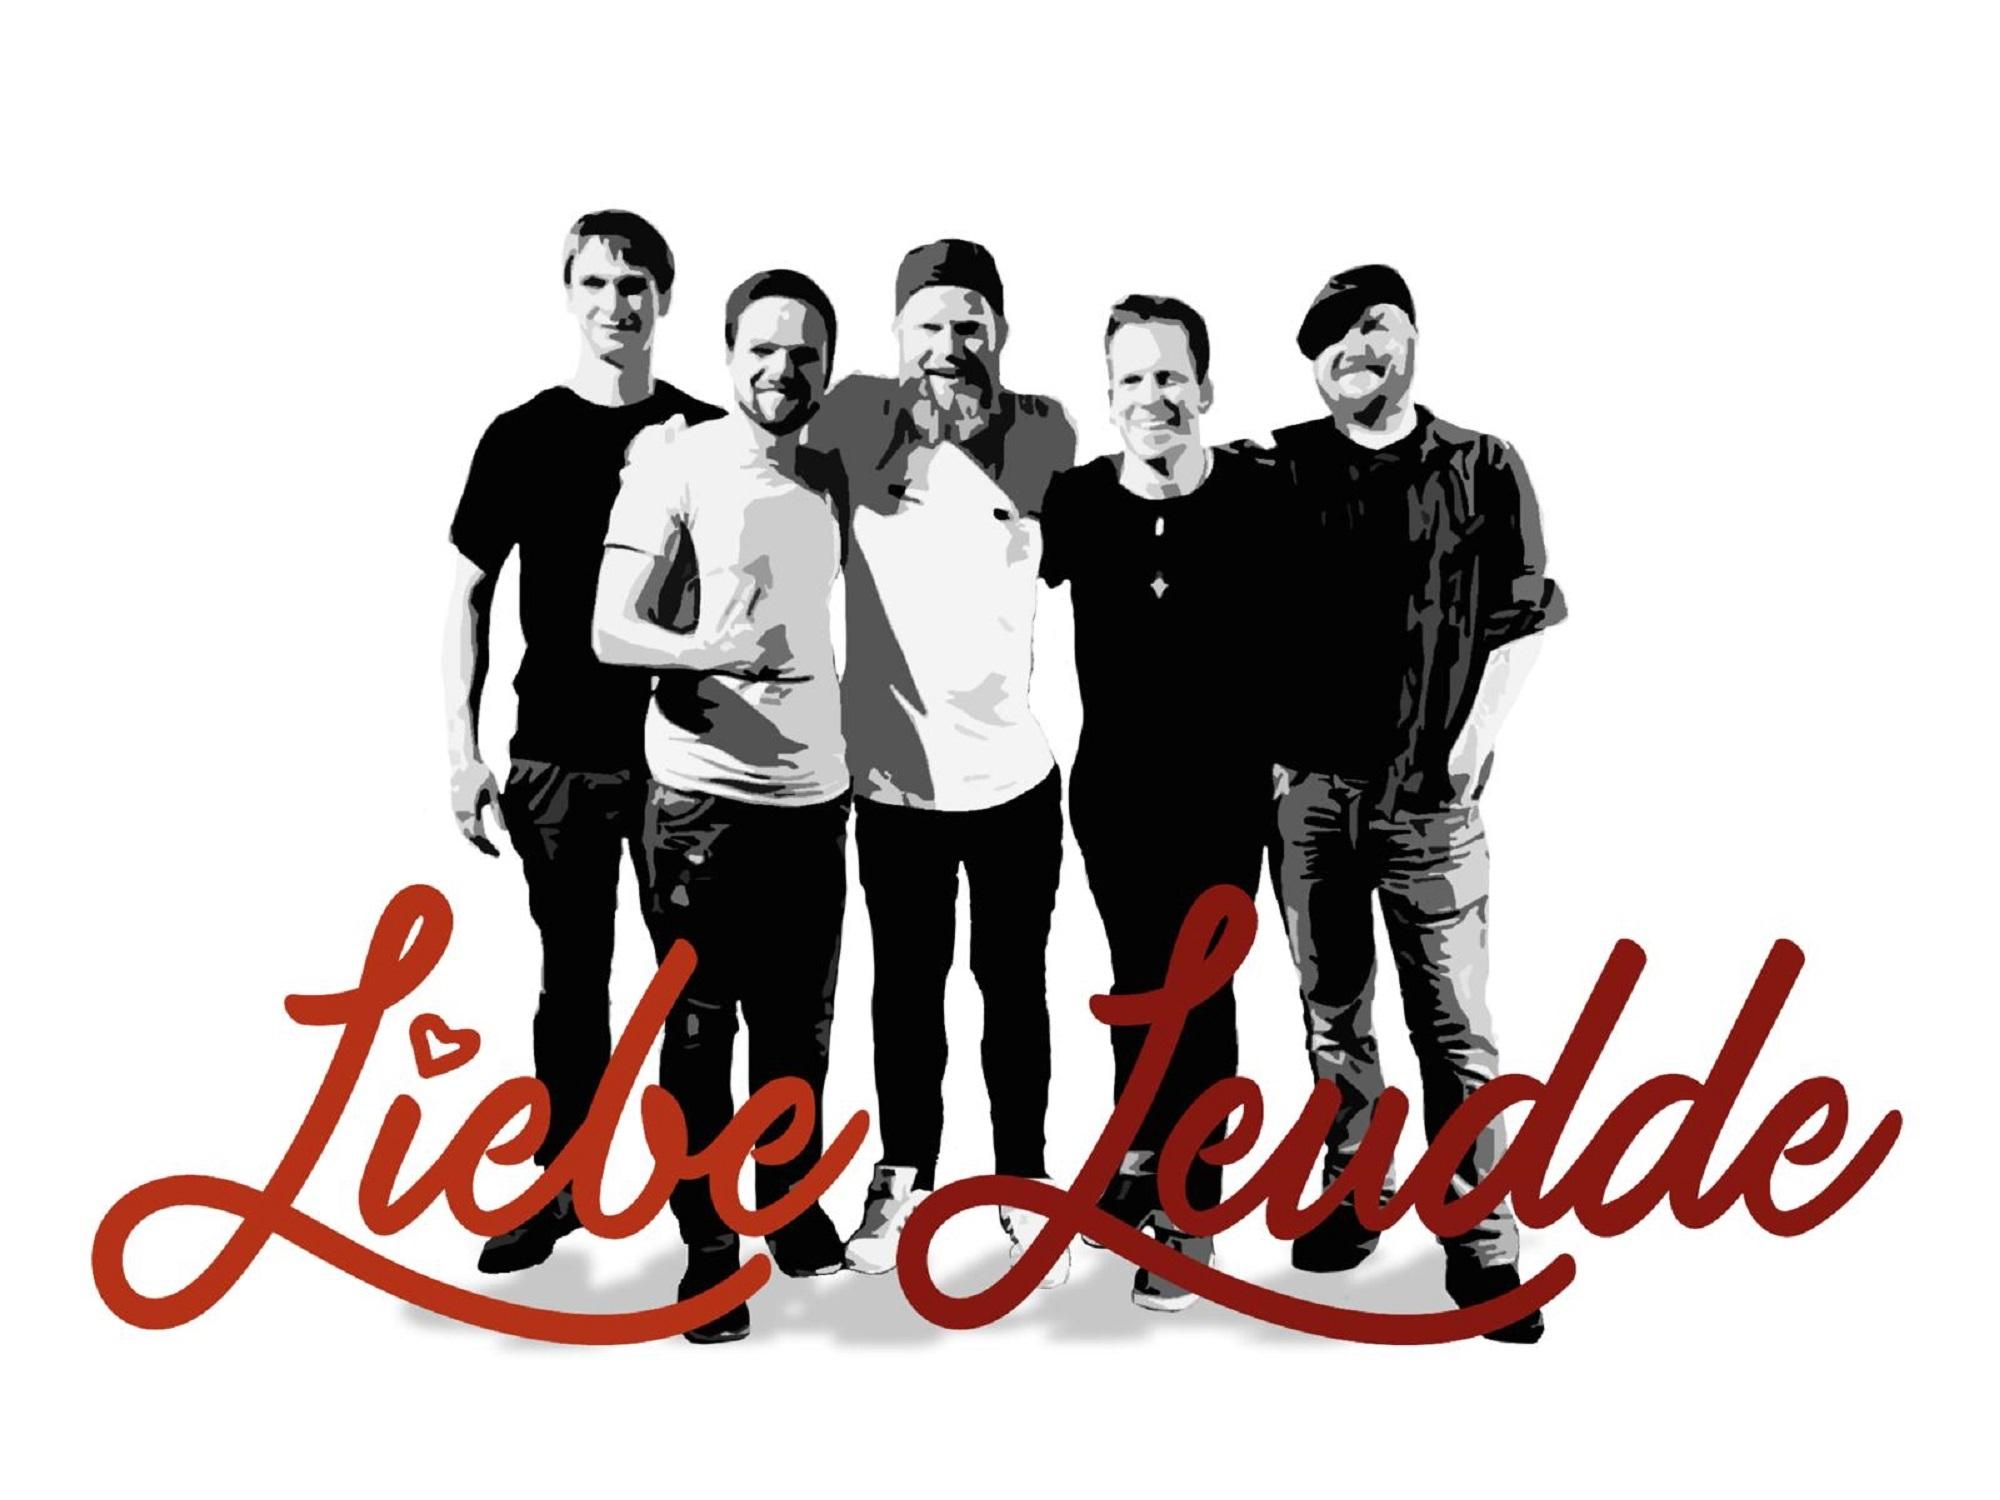 <h2>Liebe Leudde - Die Liveband von der Hamburger Reeperbahn</h2>